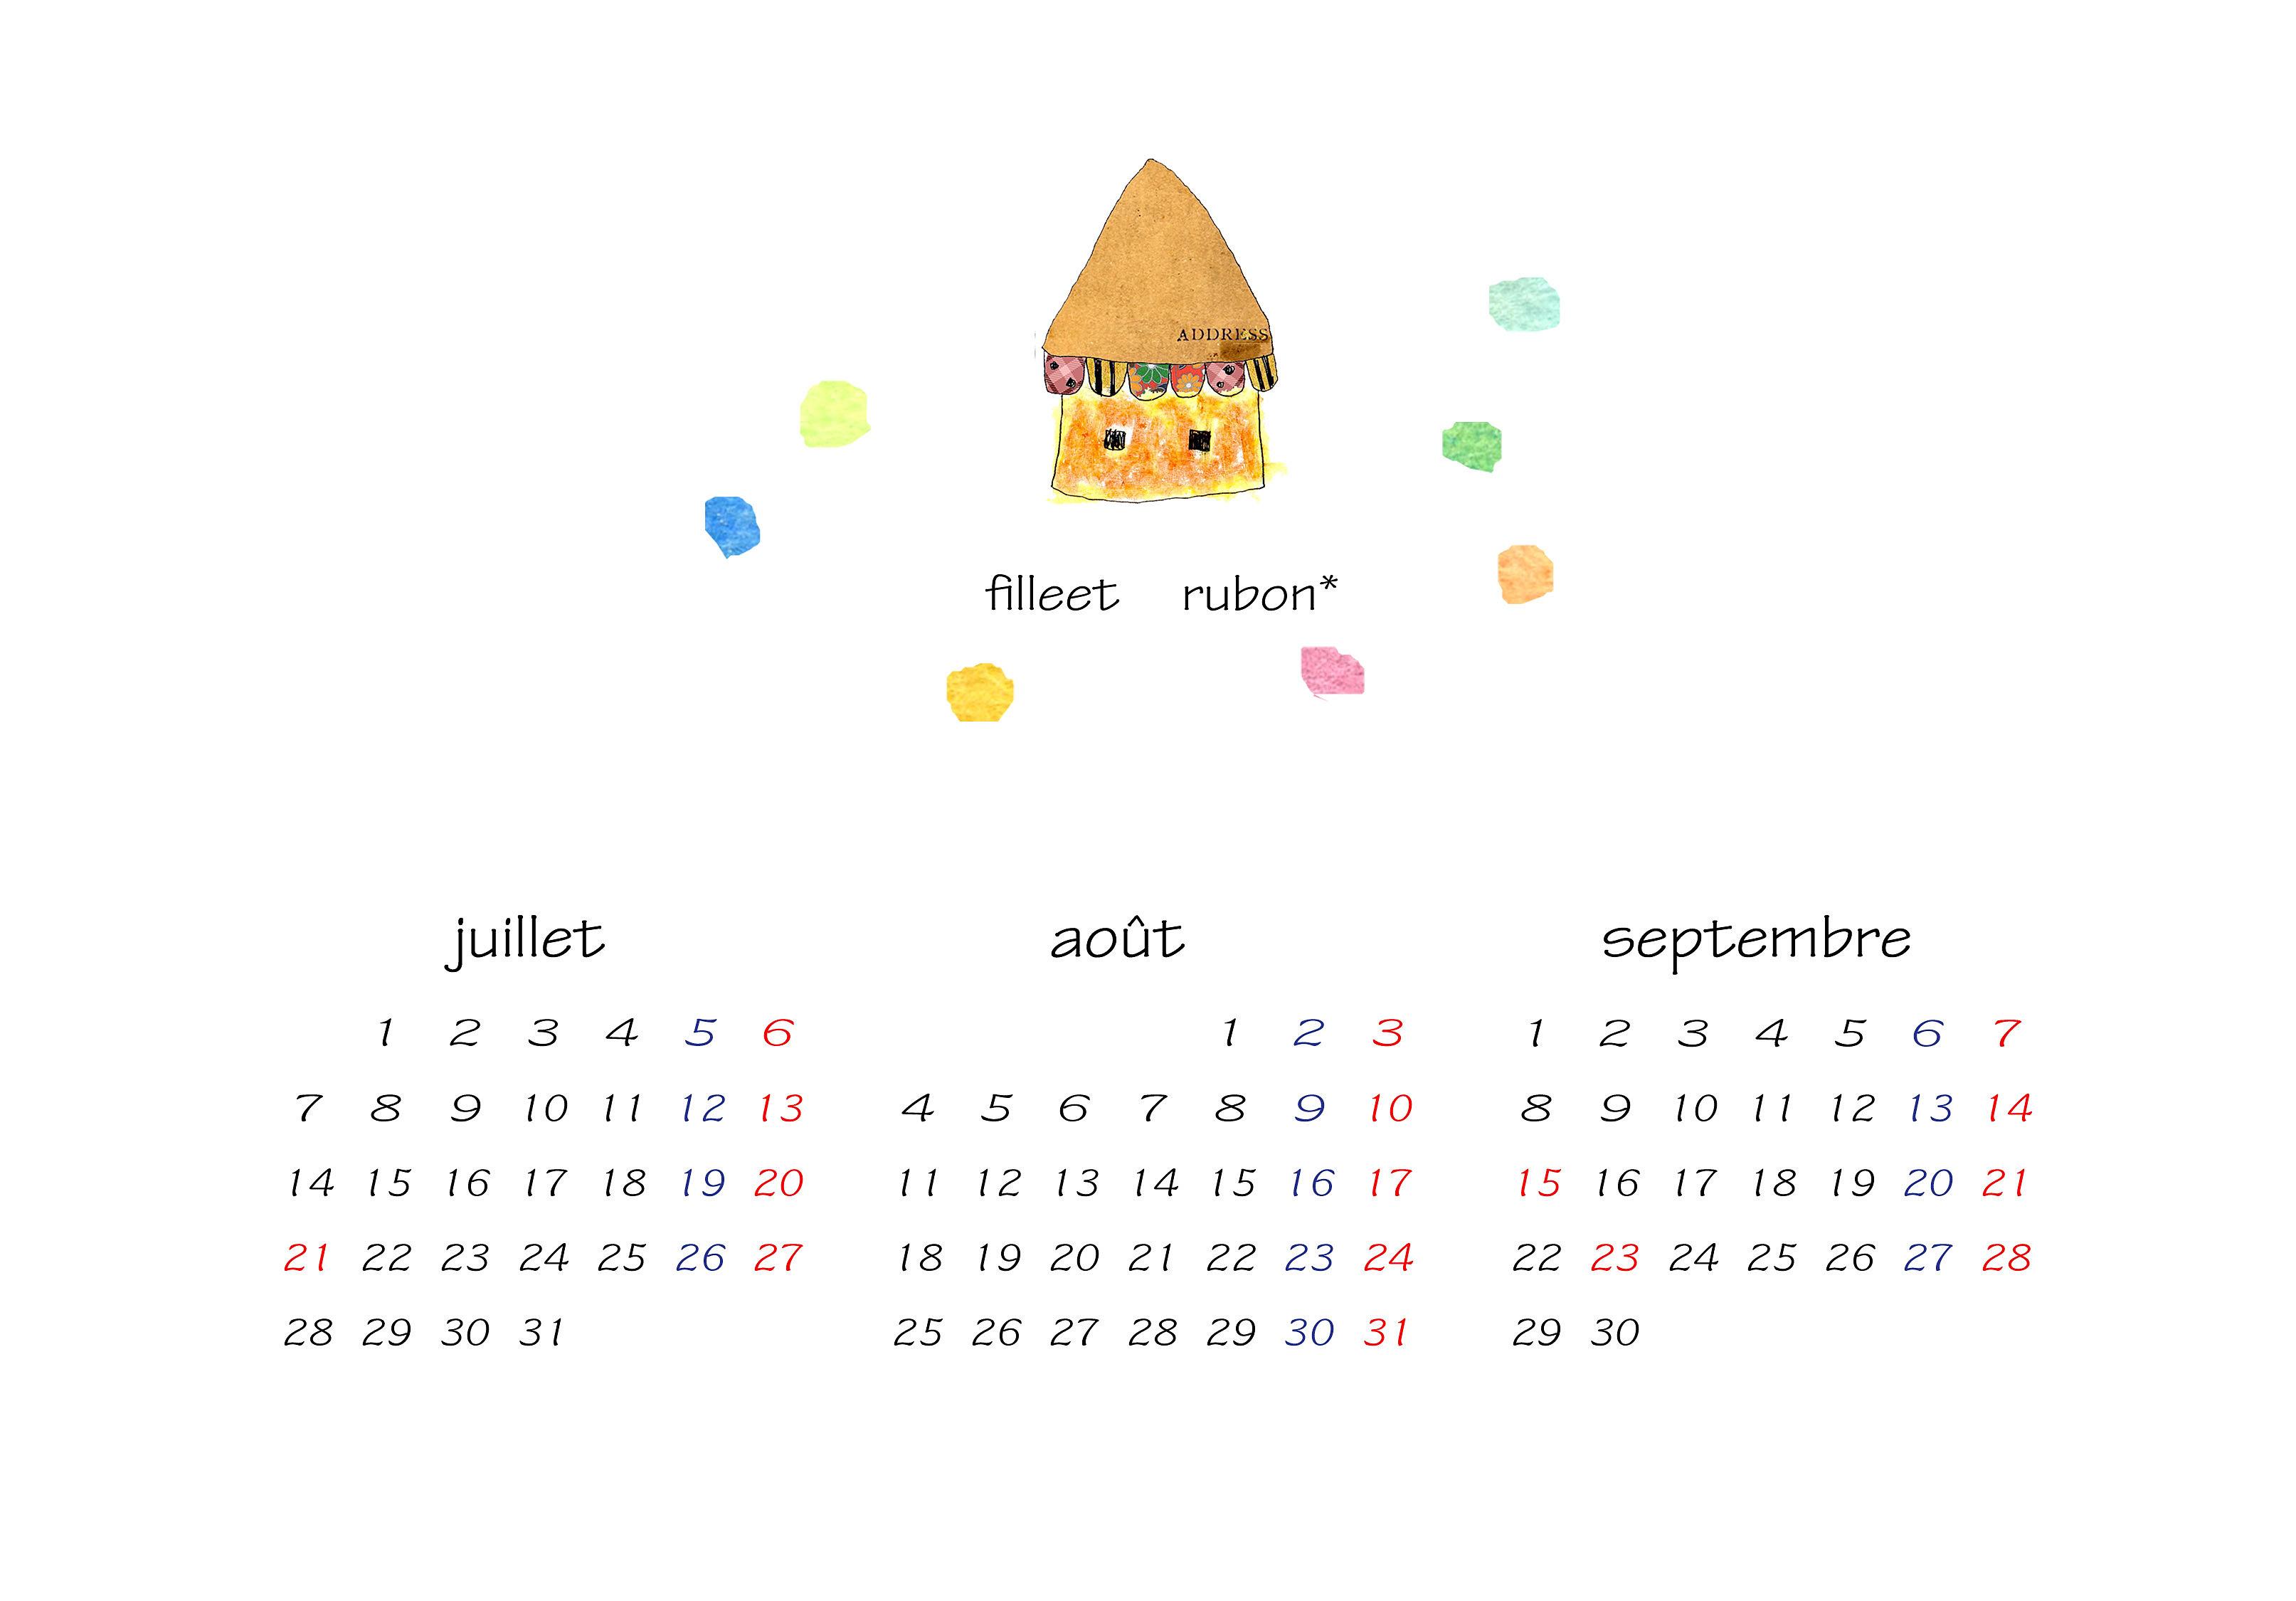 ... Yukari | 2014 7・8・9月カレンダー